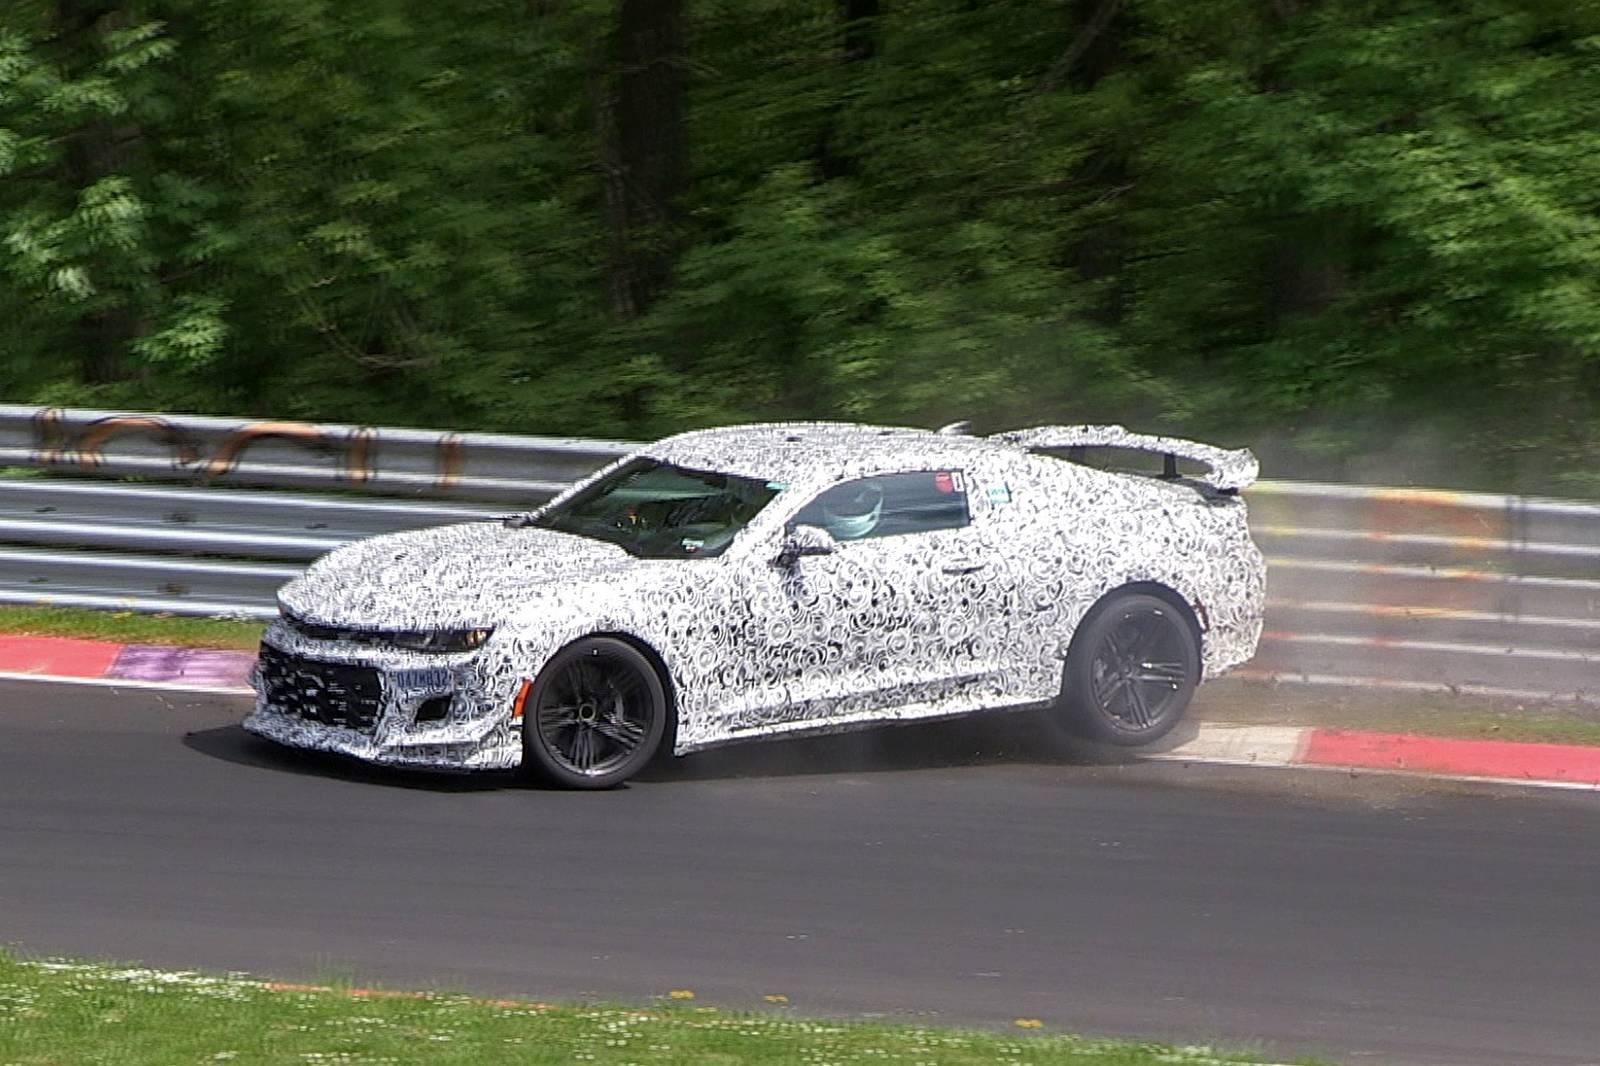 Video: 2017 Camaro Z/28 Crashes at the Nurburgring - GTspirit